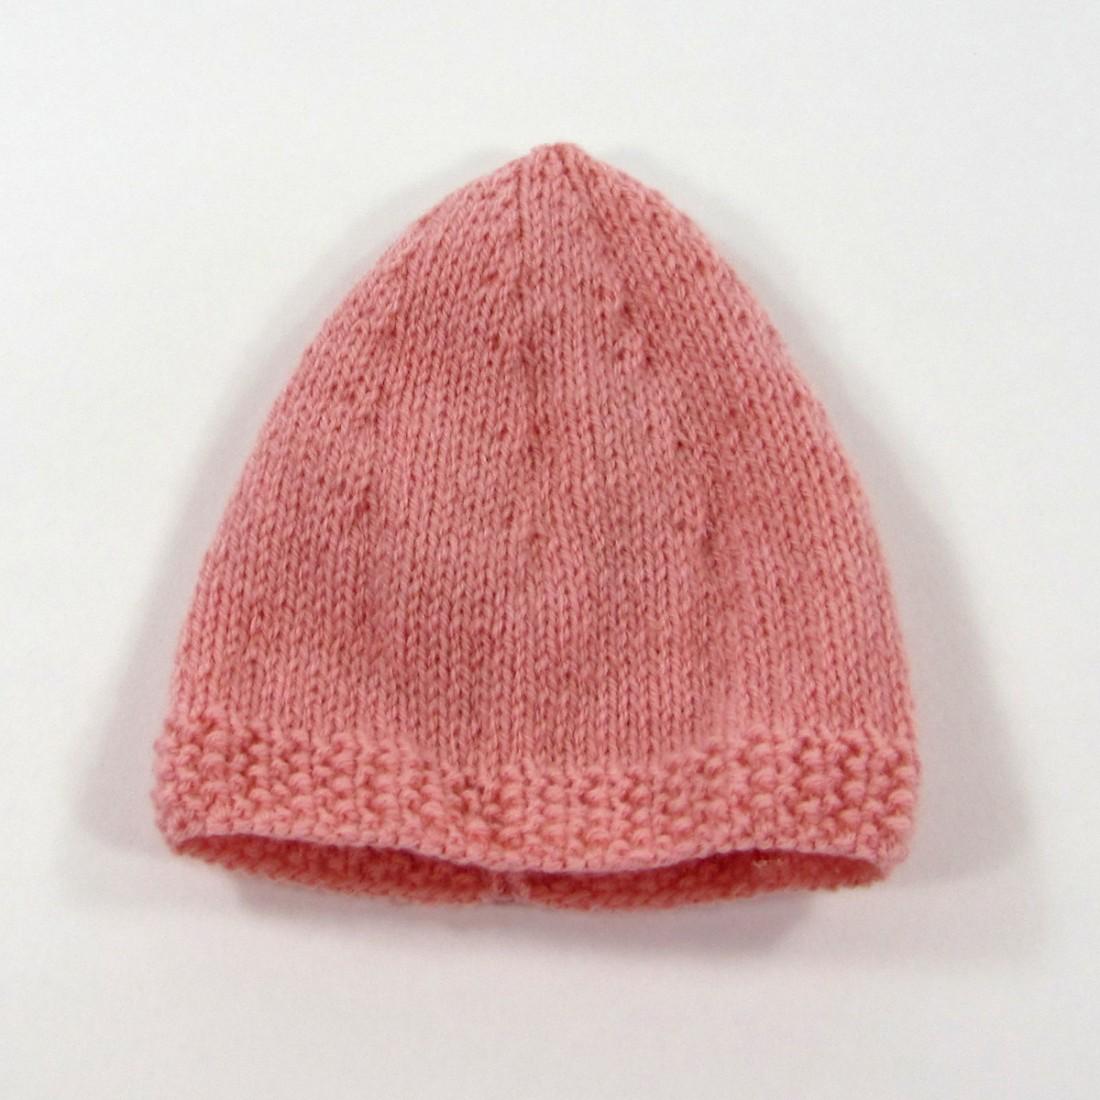 04c576c1615d Bonnet de naissance en laine rose poudre tricoté pour bébé fille